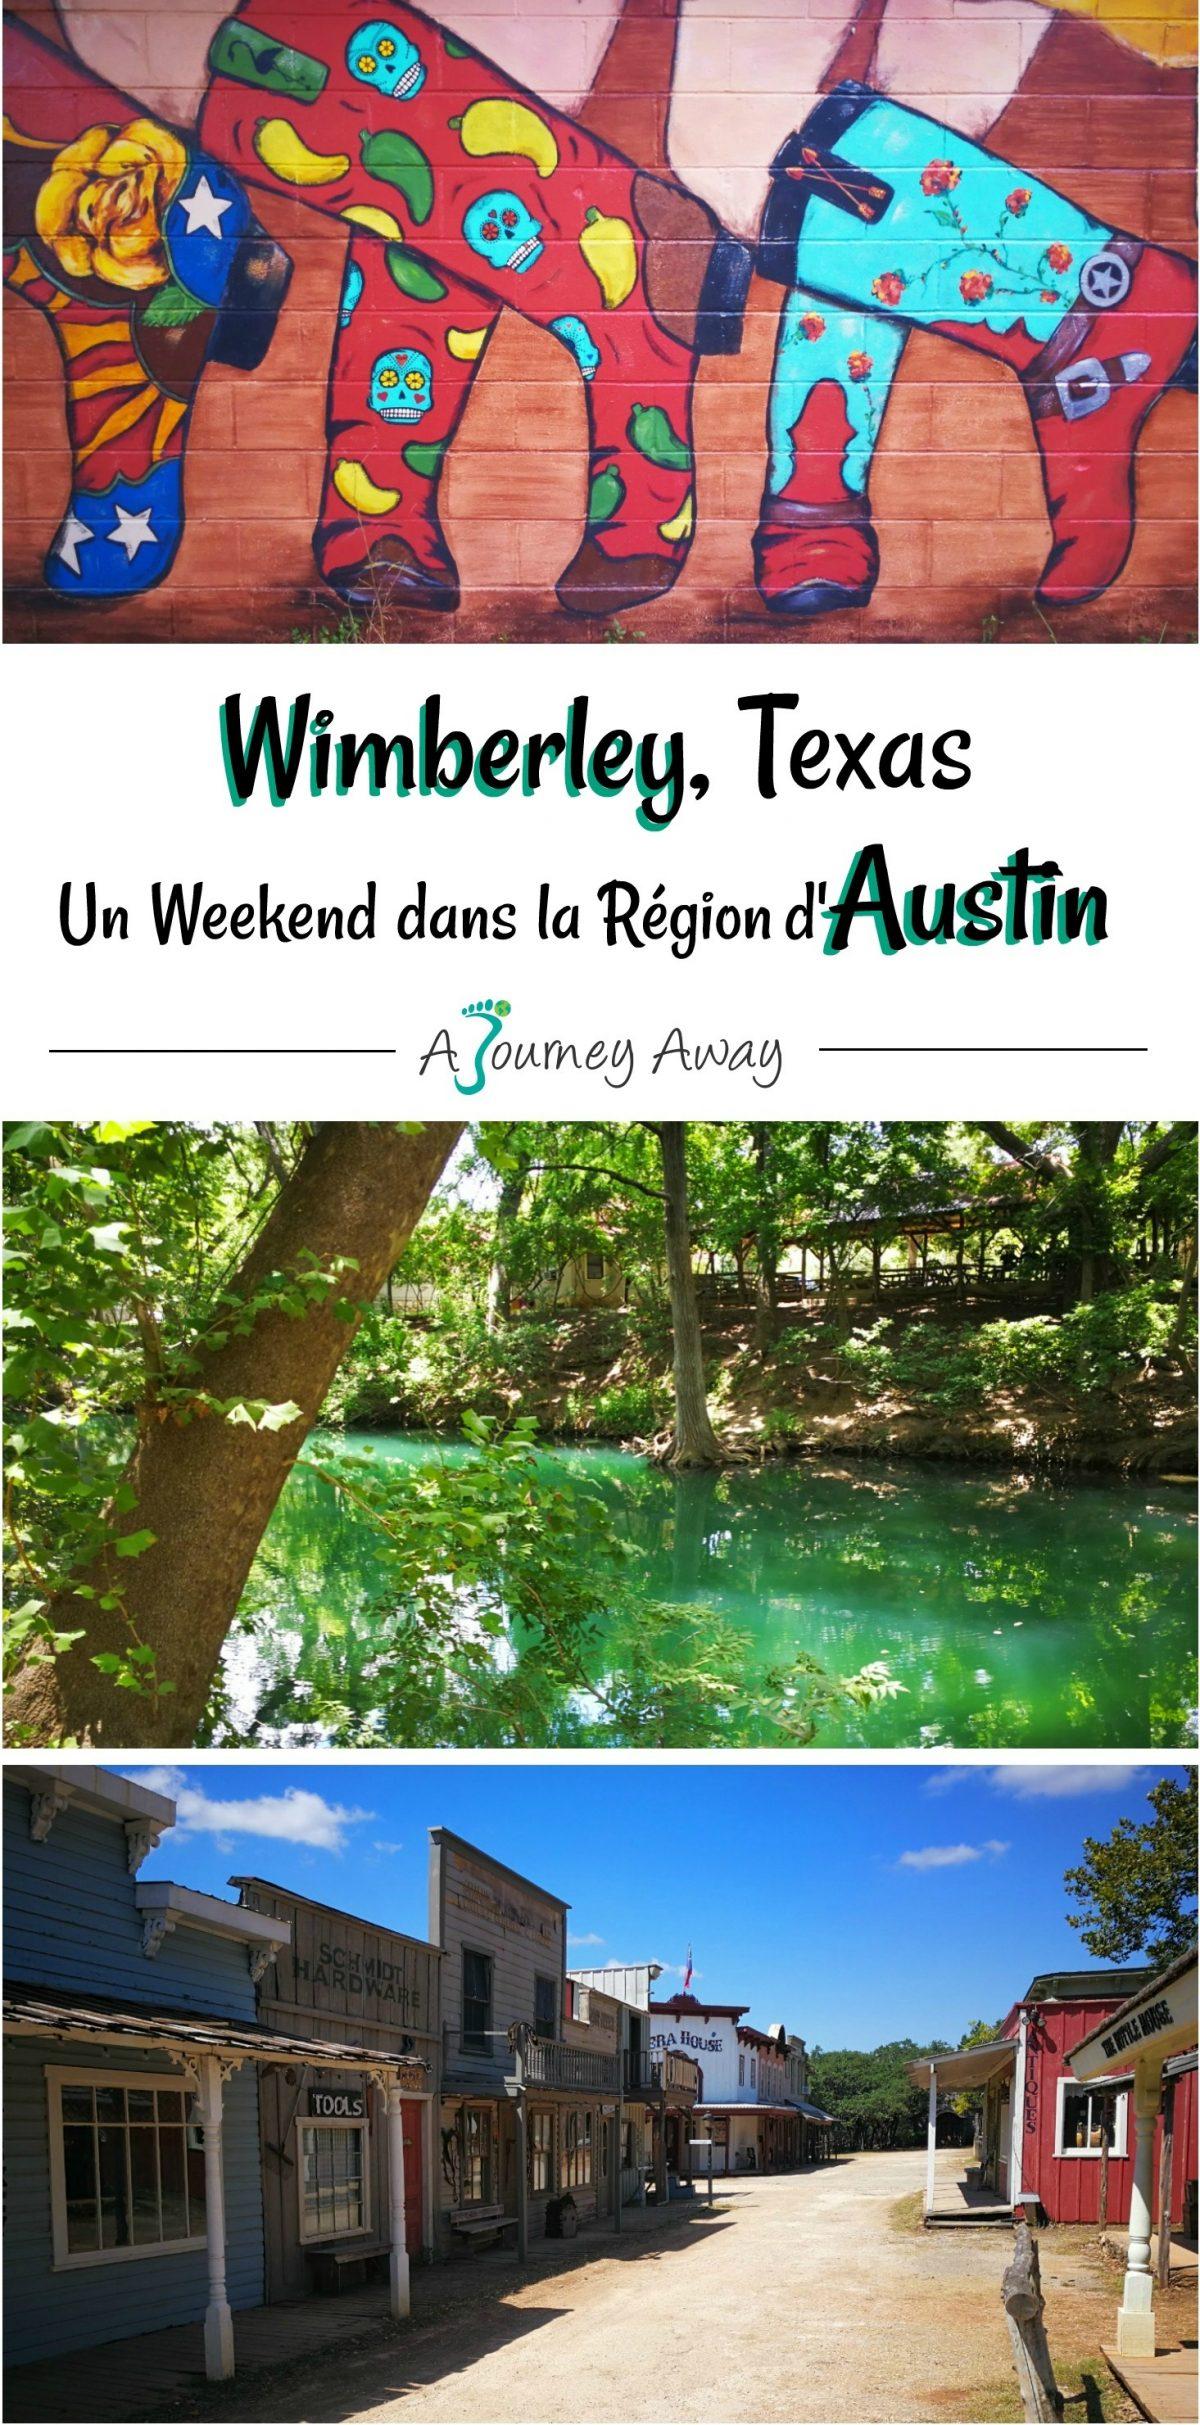 Wimberley, Texas - Un Weekend dans la Région d'Austin | Blog de voyage A Journey Away